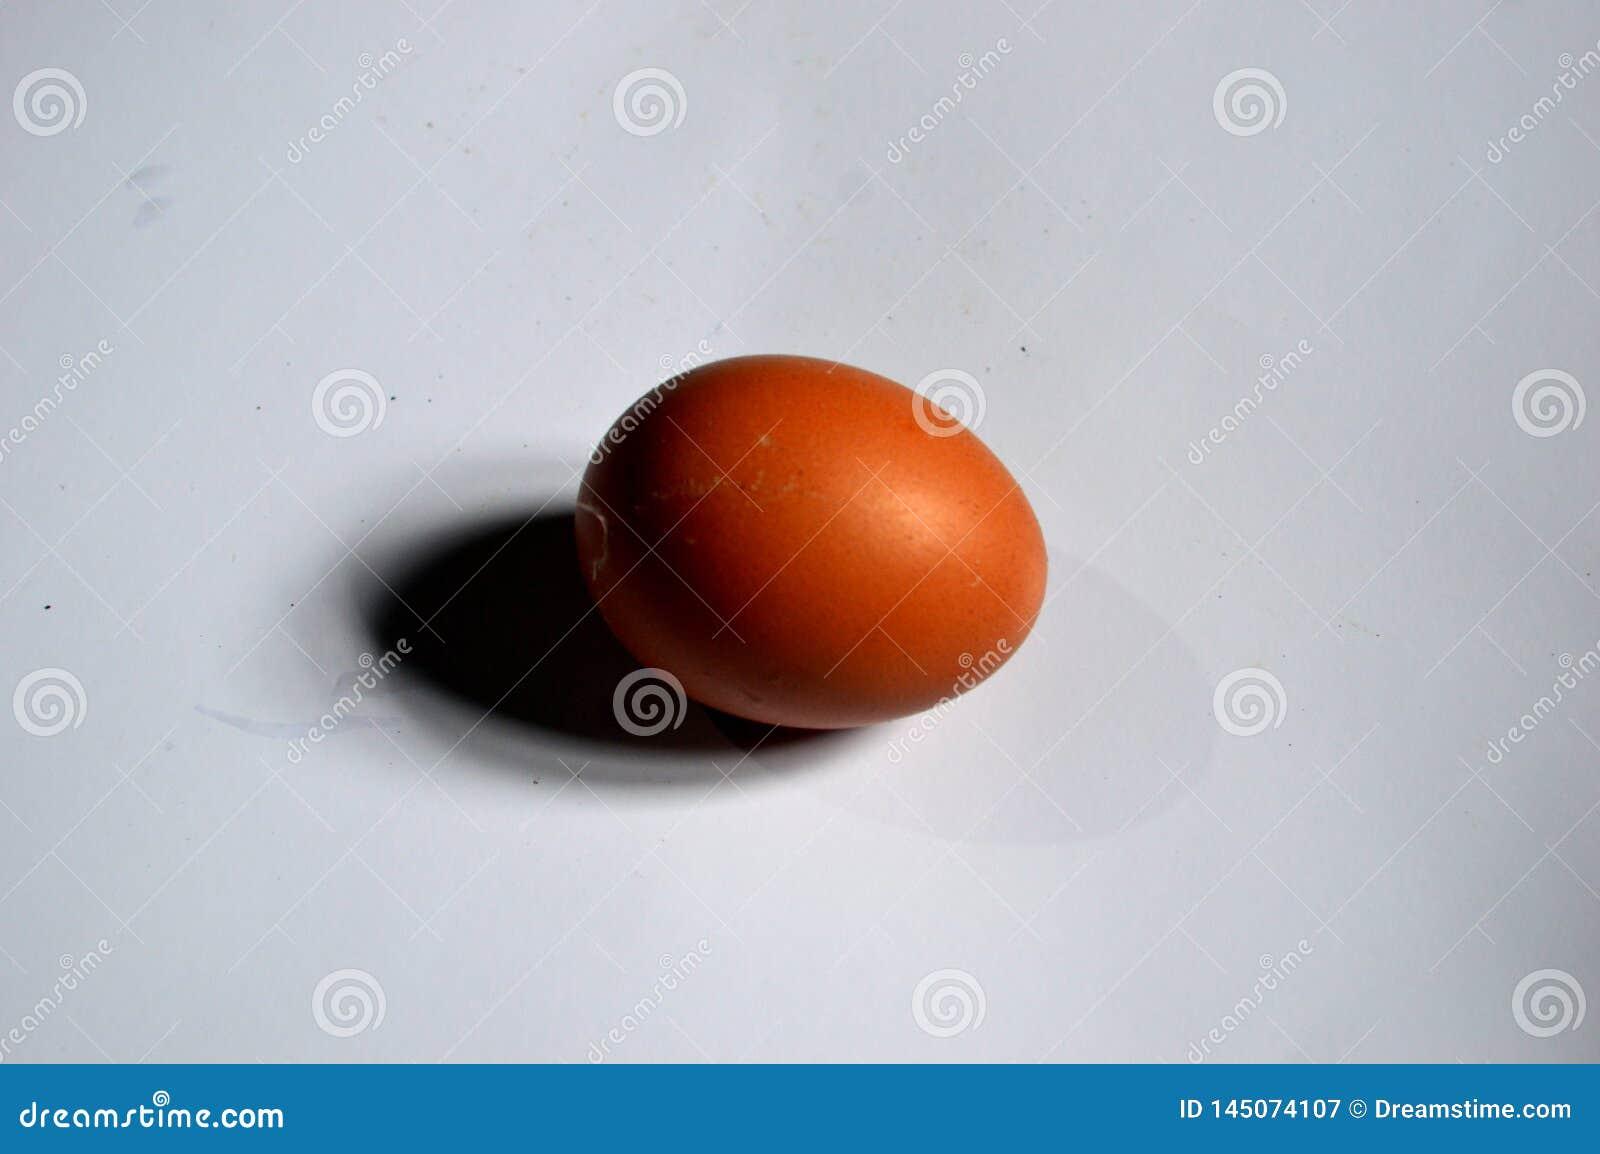 Foto van een ei met een witte achtergrond